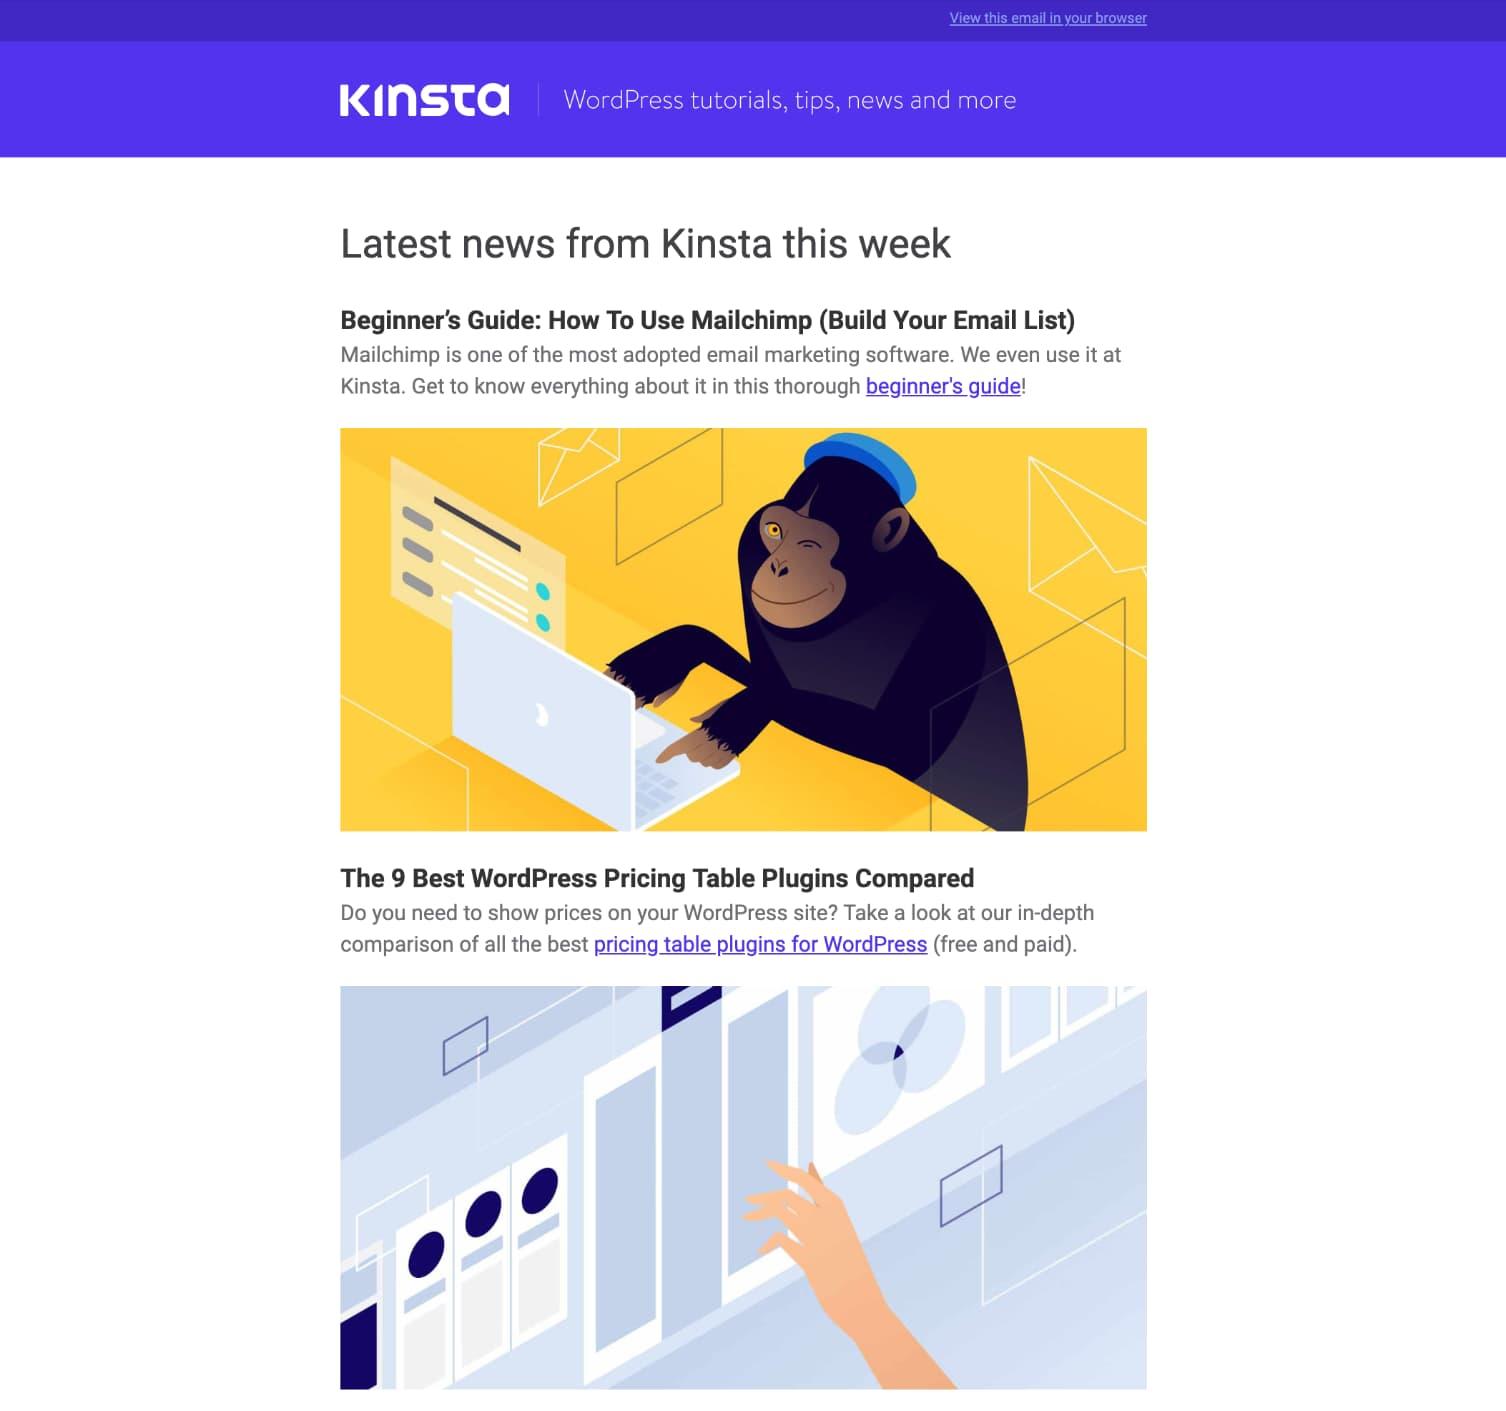 Il template della newsletter di Kinsta